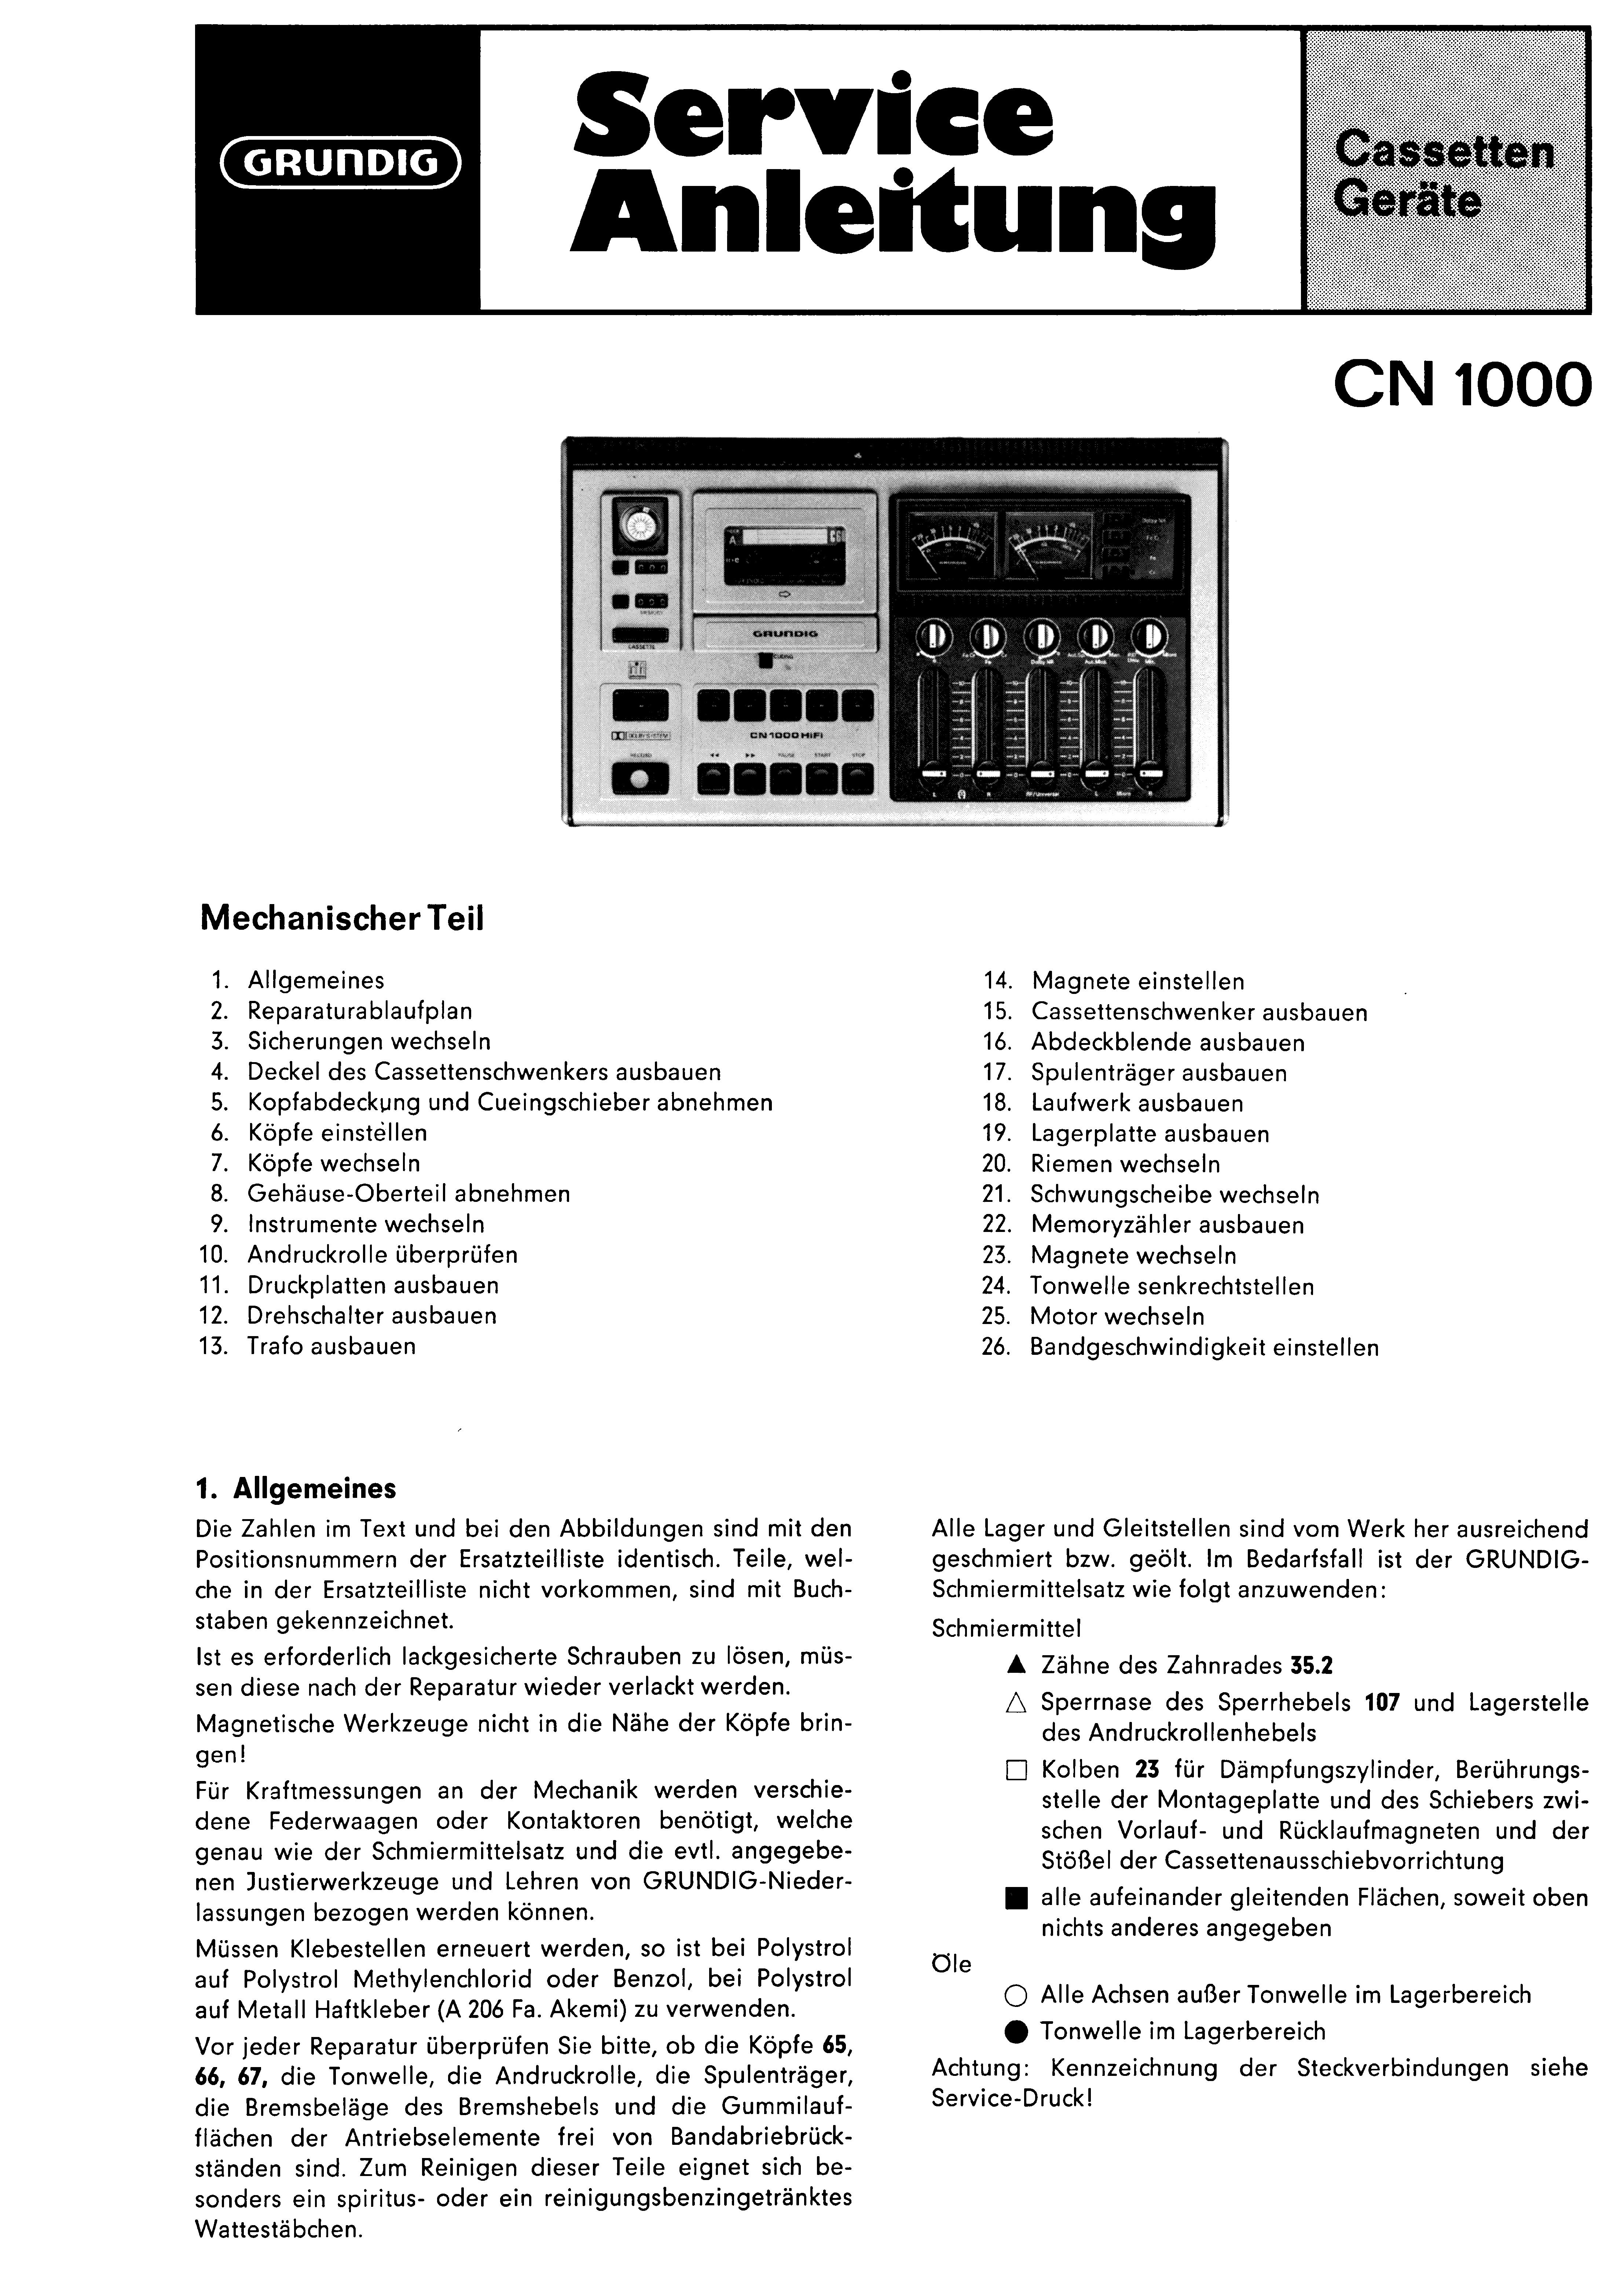 Similar manuals: GRUNDIG CAR RADIO 3200 3201 3300 3301 RDS GRUNDIG ...